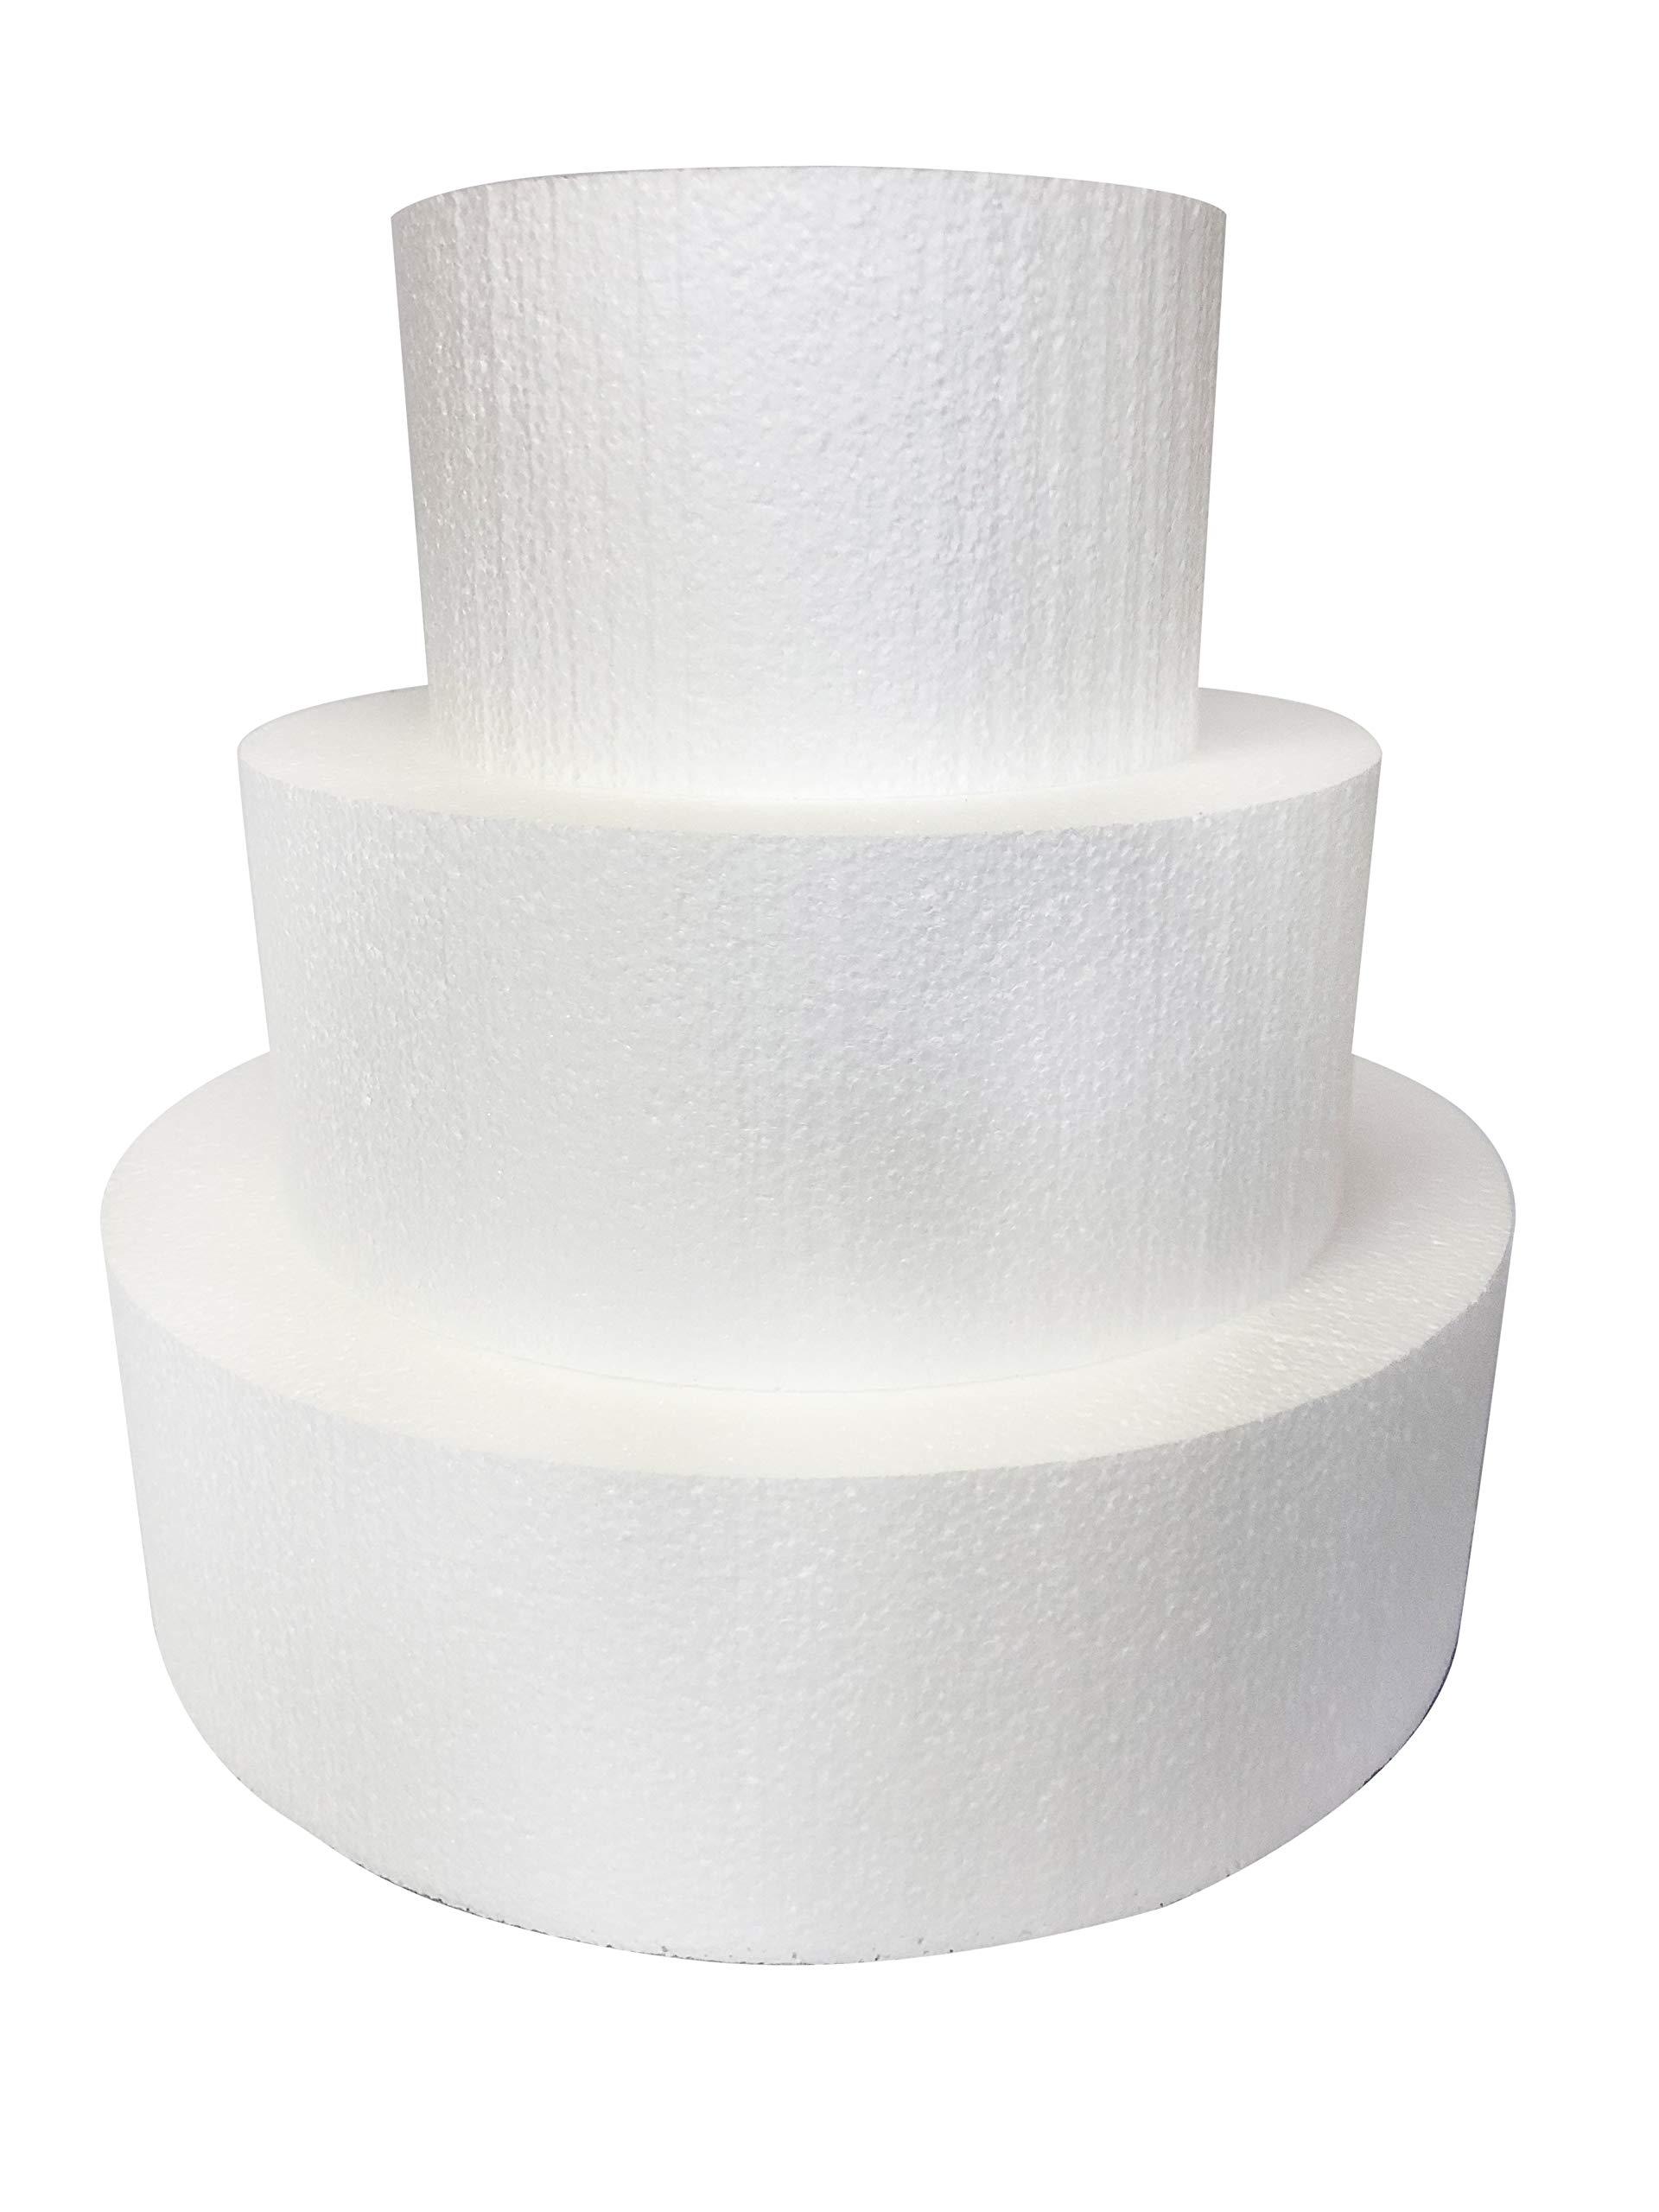 Round 5'' Cake Dummies - Set Of 3, Each 5'' High By 8'', 12'', 16'' Round